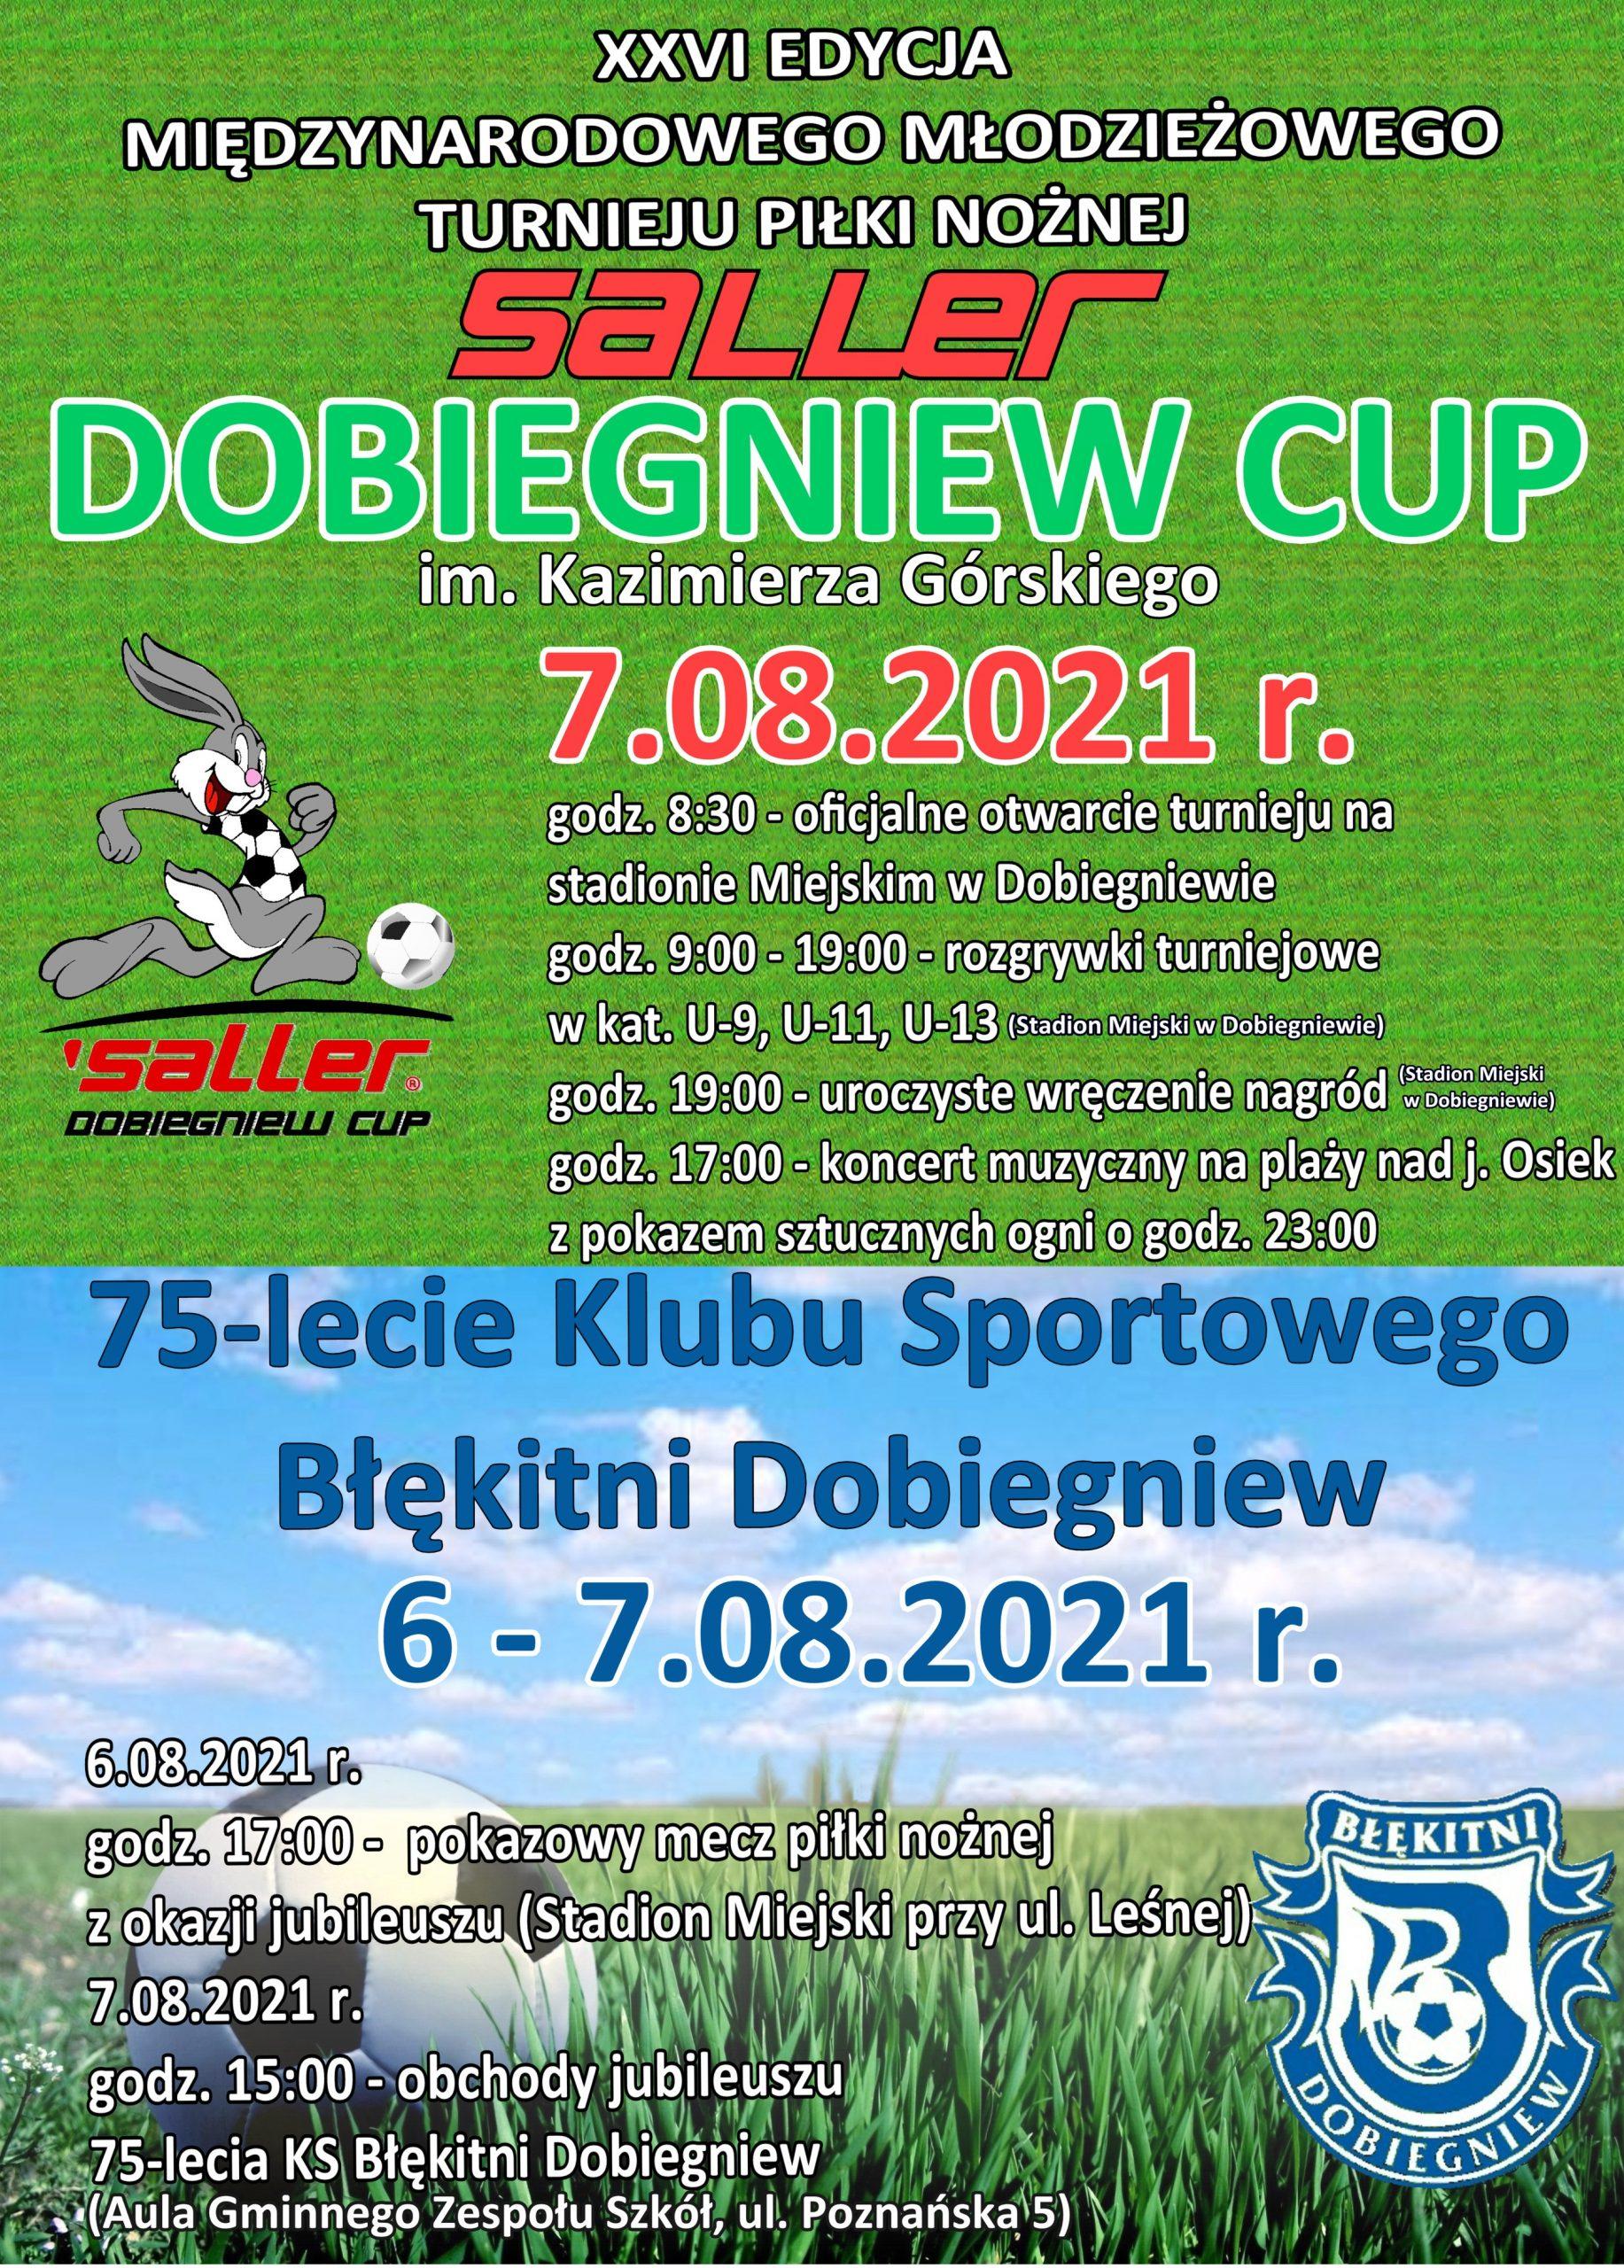 XXVI Edycja MMTPN Saller Dobiegniew Cup 2021